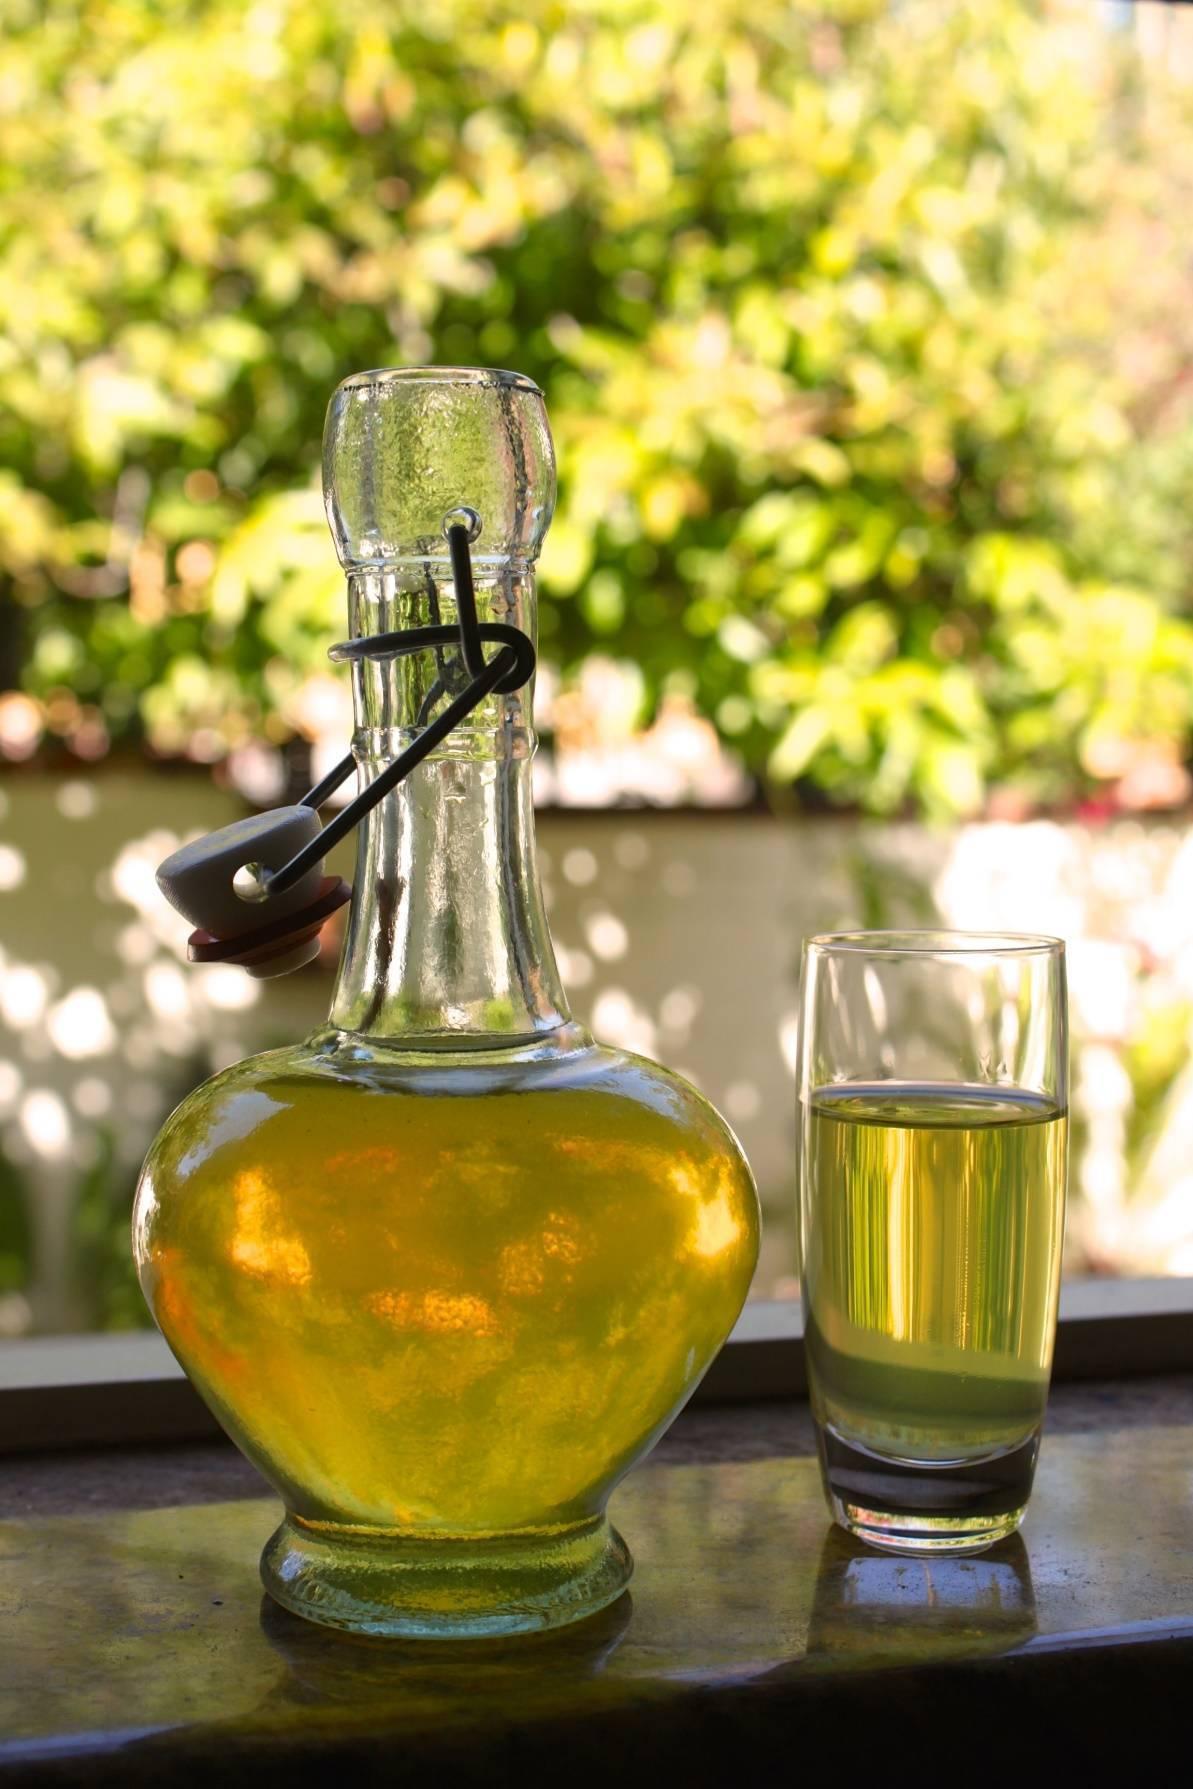 Как сделать ликер лимончелло в домашних условиях. лучшие рецепты напитка лимончелло пошагово с фото. как правильно пить лимончелло. рецепты коктейлей с лимончелло. лимончелло в домашних условиях: рецепты, как пить